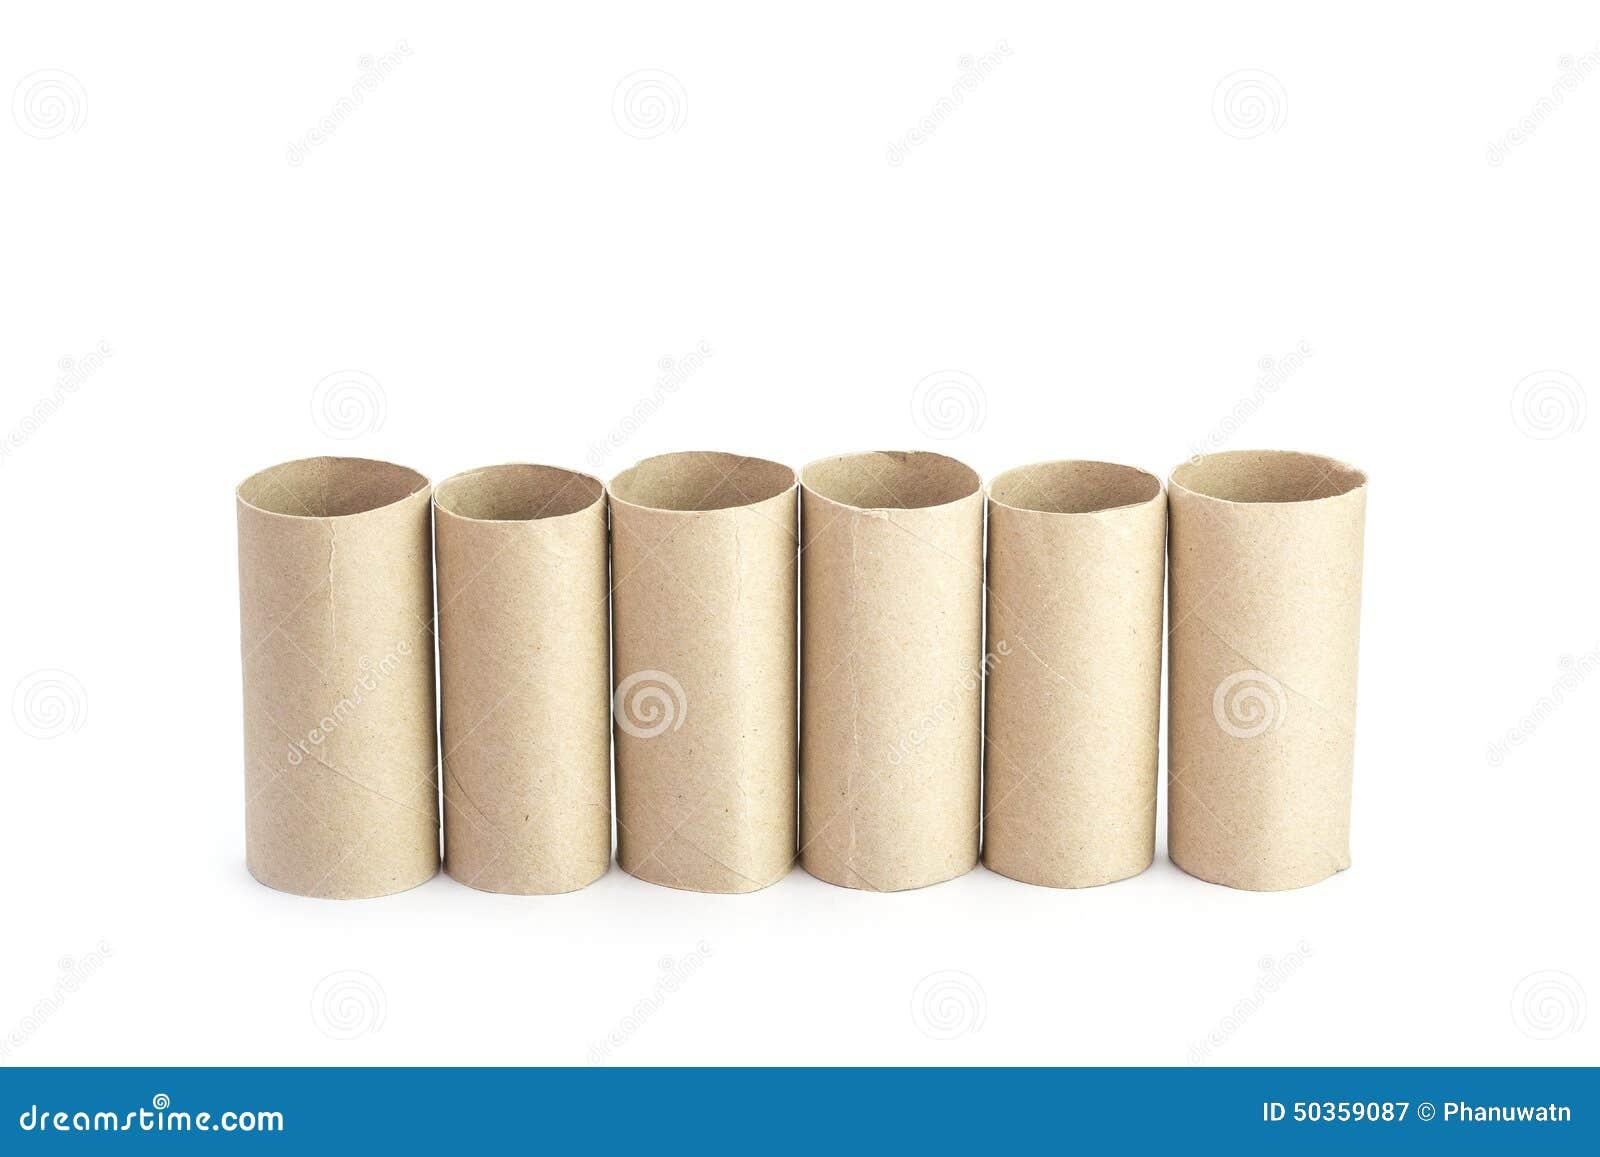 Animali Con Tubi Di Carta Igienica : Tubo di carta della carta igienica immagine stock immagine di